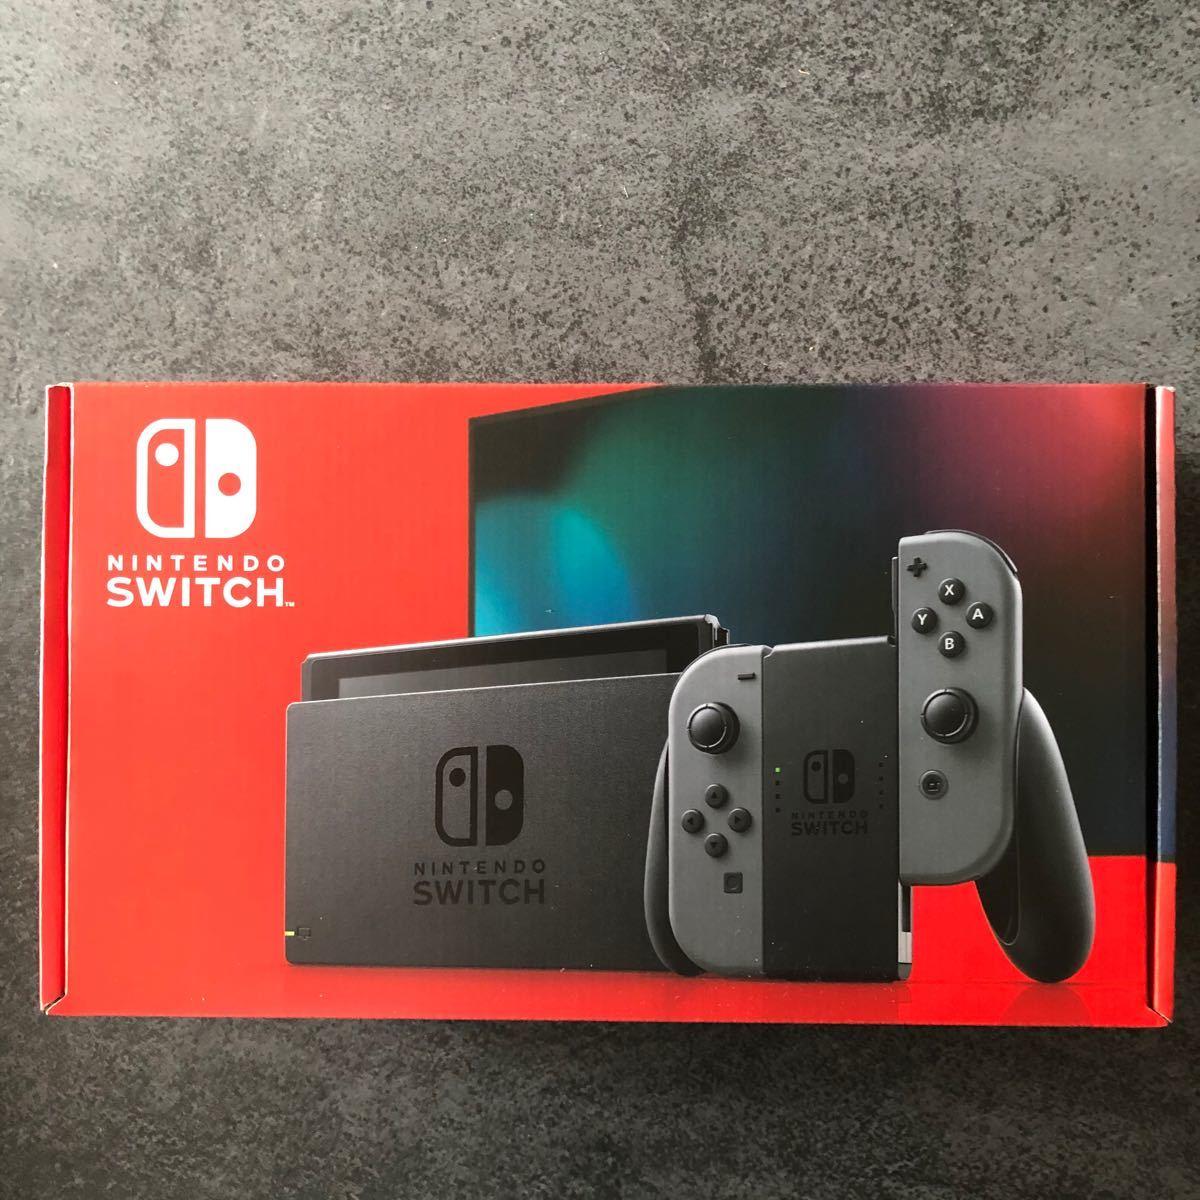 【新品・未開封品】Nintendo Switch ニンテンドー スイッチ本体 グレー 任天堂